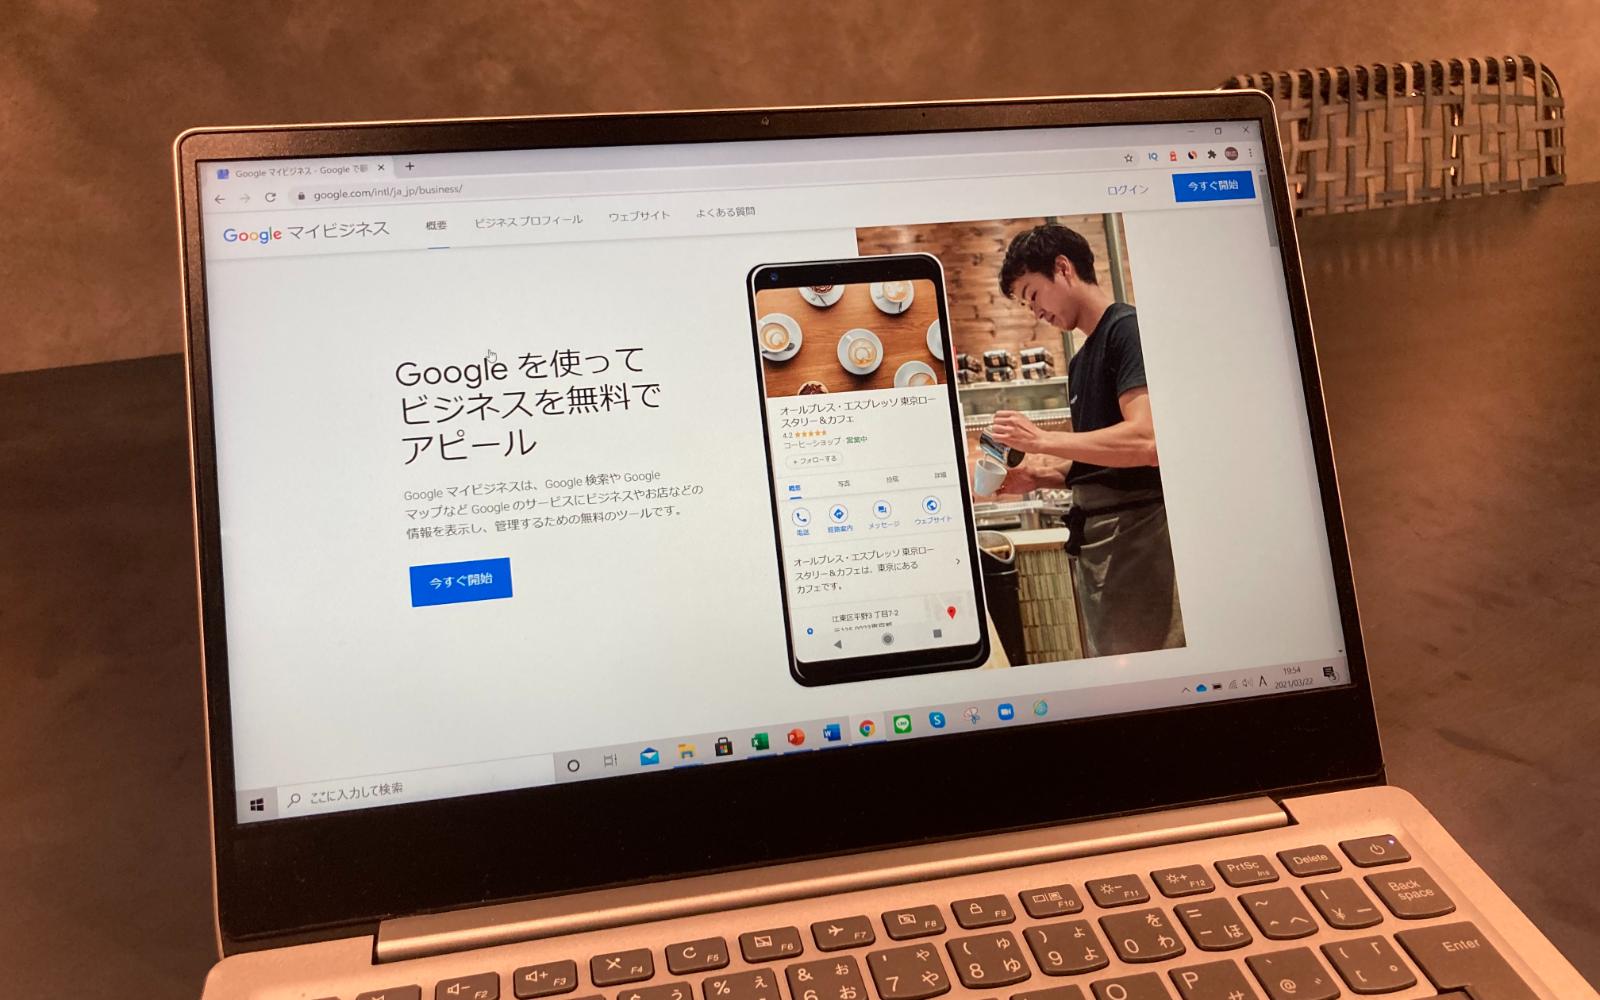 MEO対策オンラインセミナー ~Googleマイビジネスを設定して集客に役立てよう!~